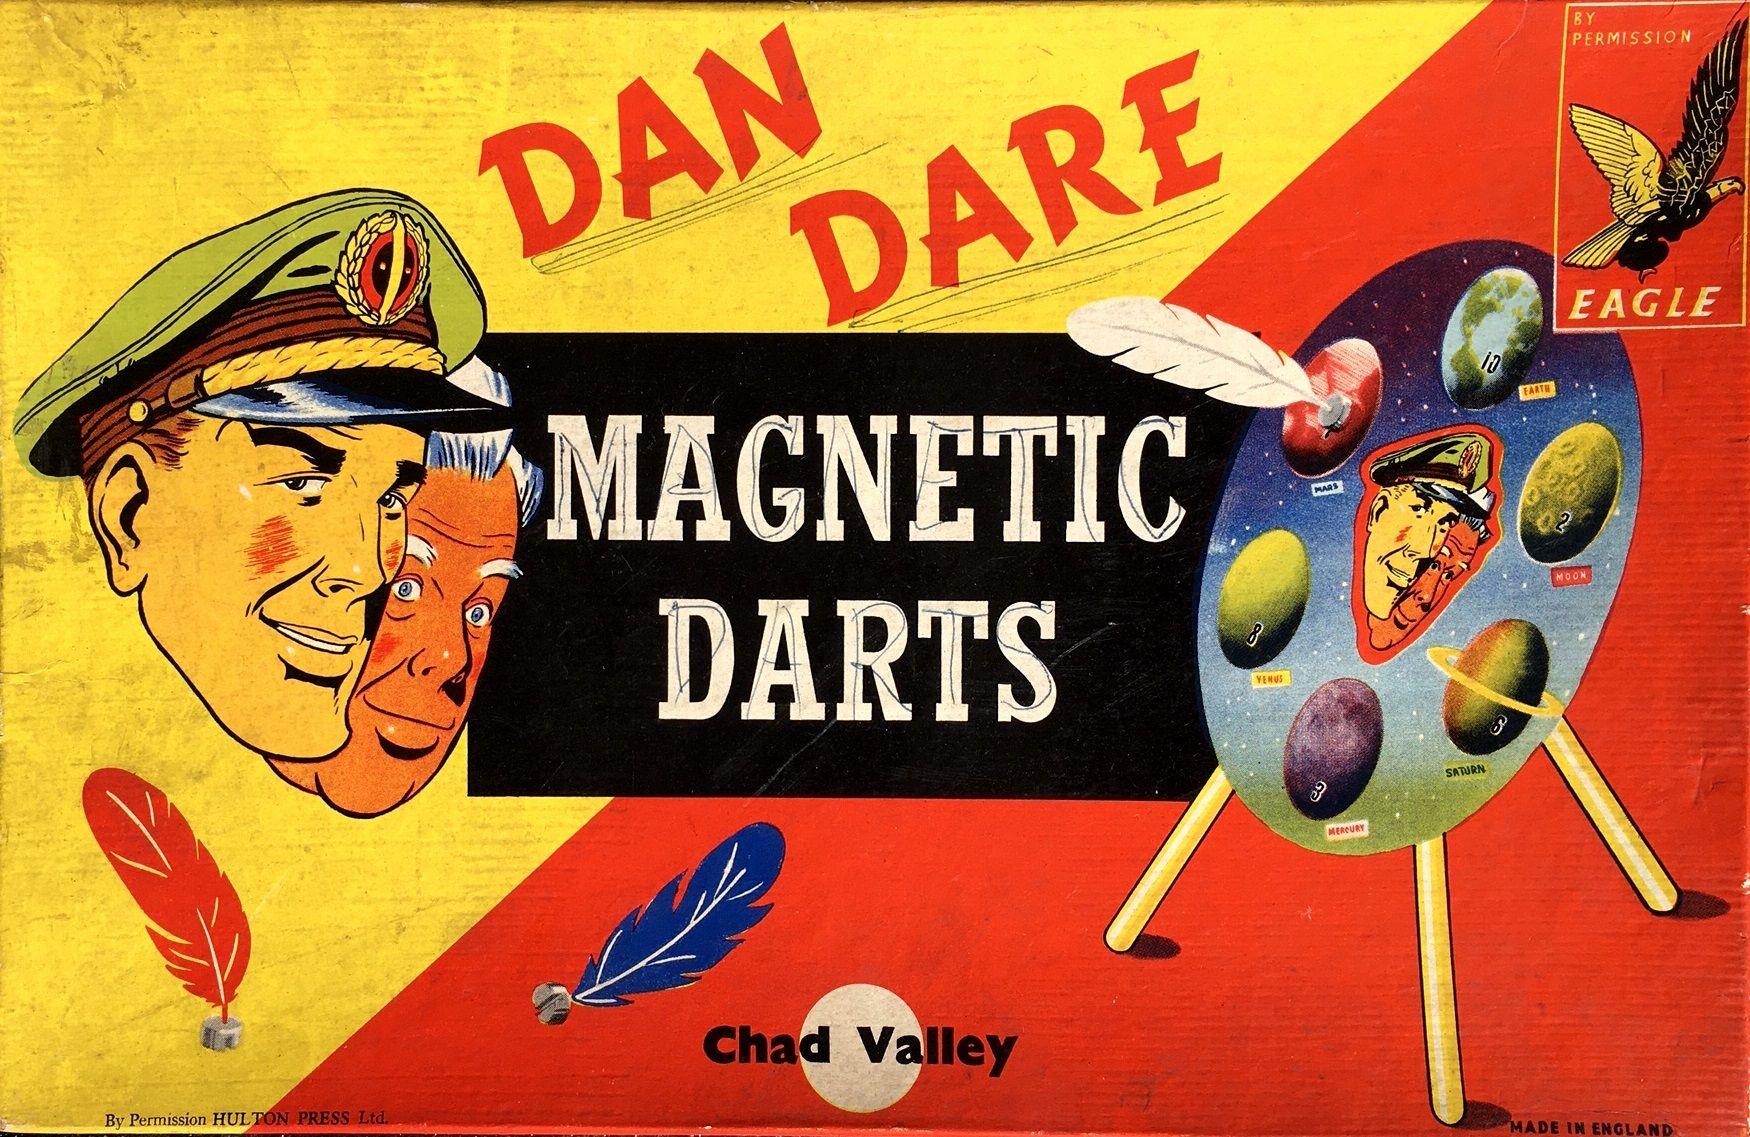 Dan Dare Magnetic Darts